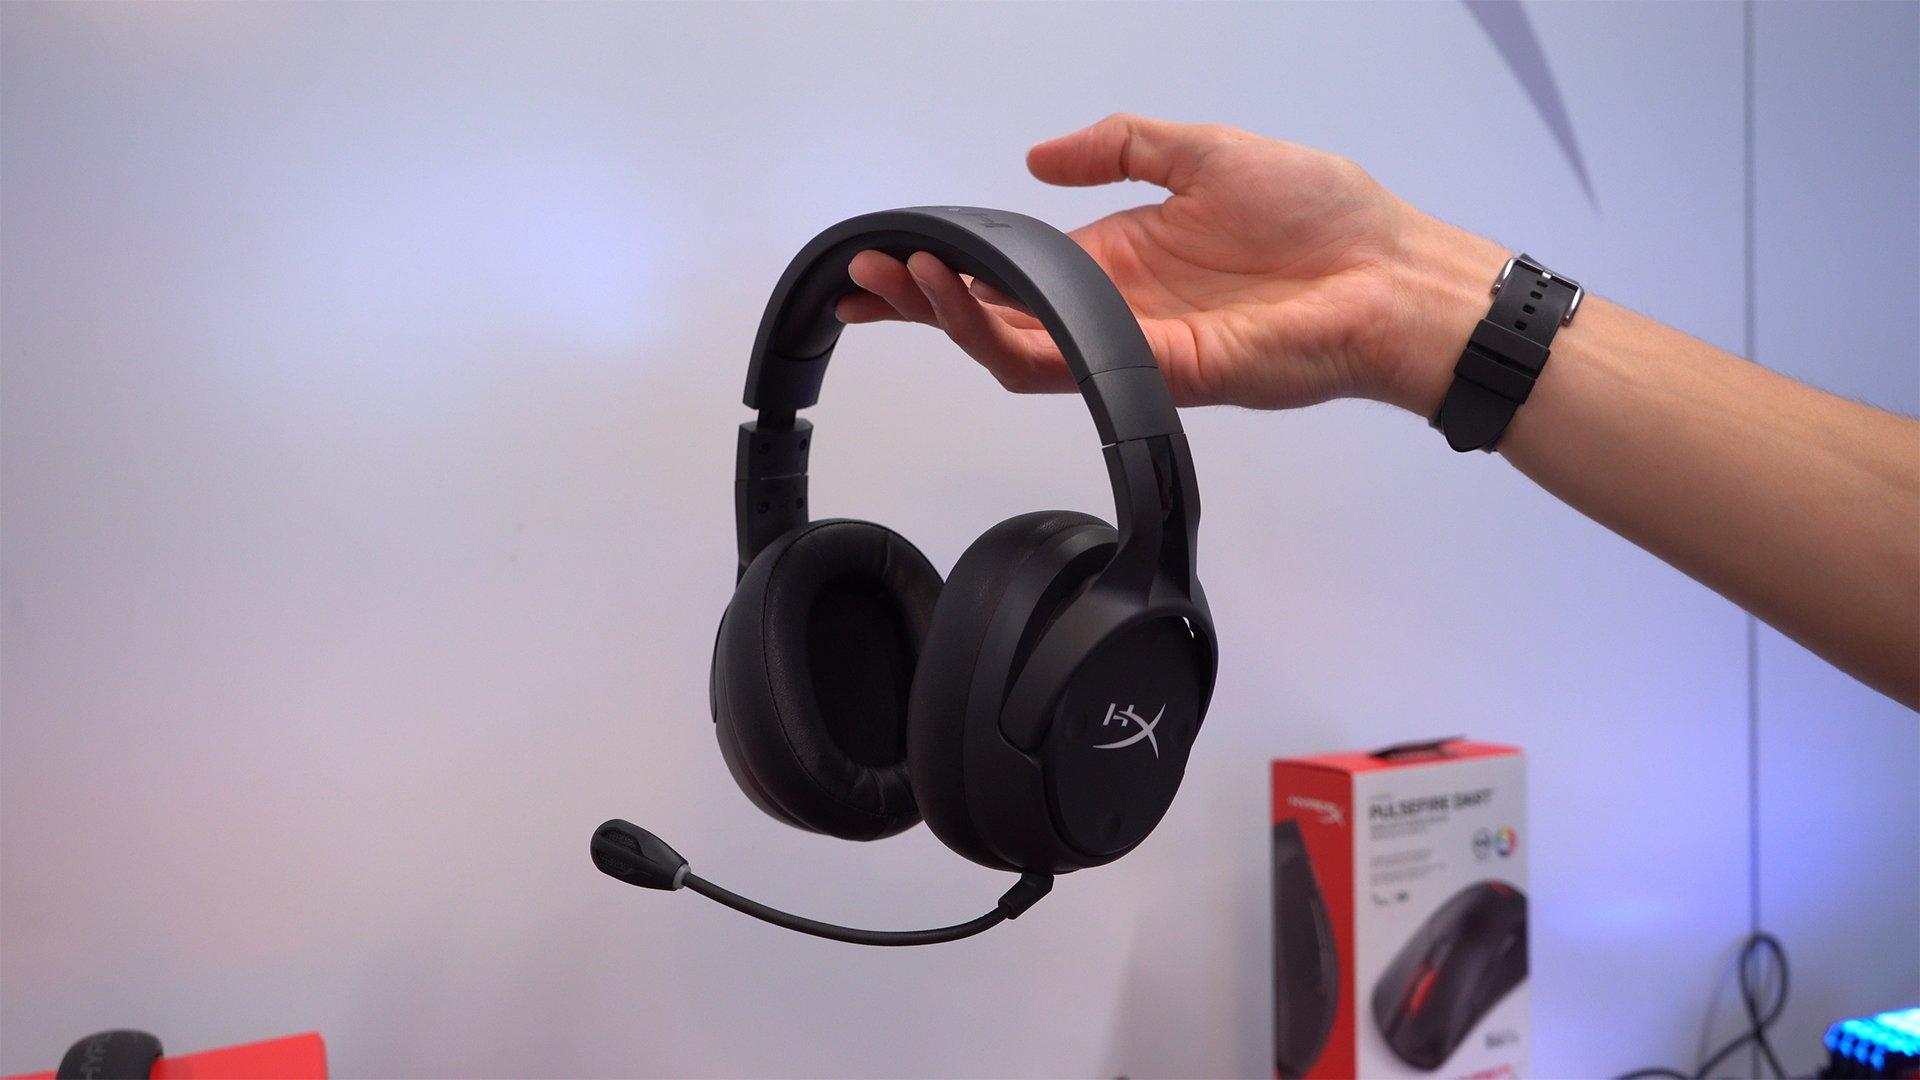 hyperx zeigt neue gaming headsets und kabellos ladbare. Black Bedroom Furniture Sets. Home Design Ideas